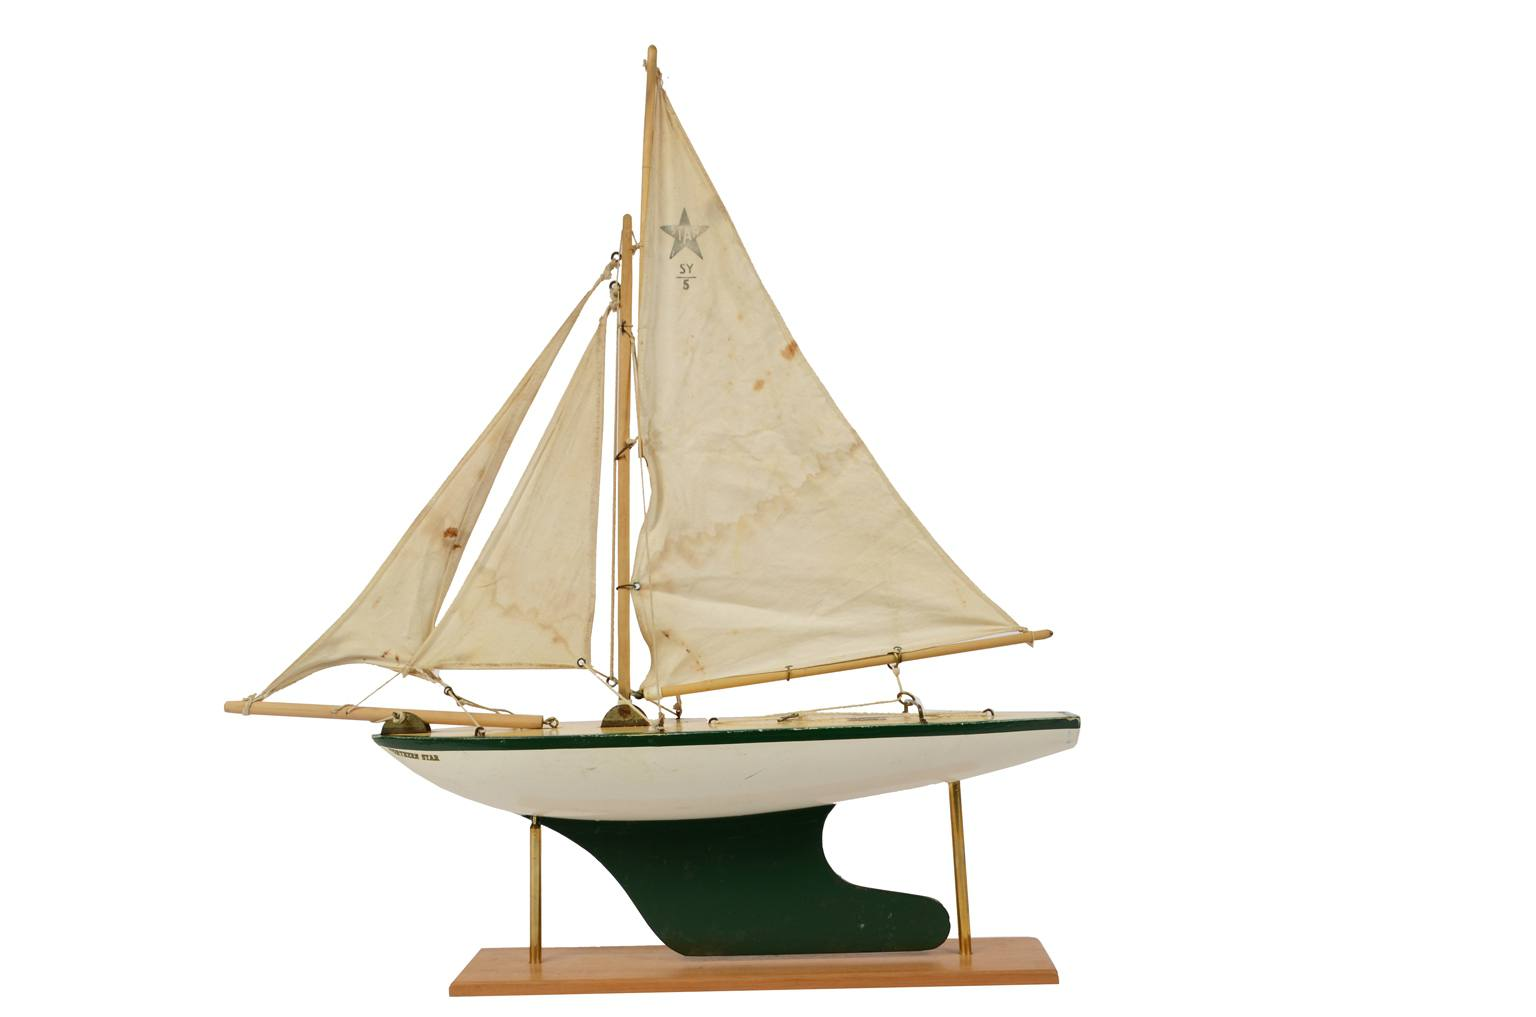 Modelli di navi d'epoca/5756-Barca giocattolo 1960